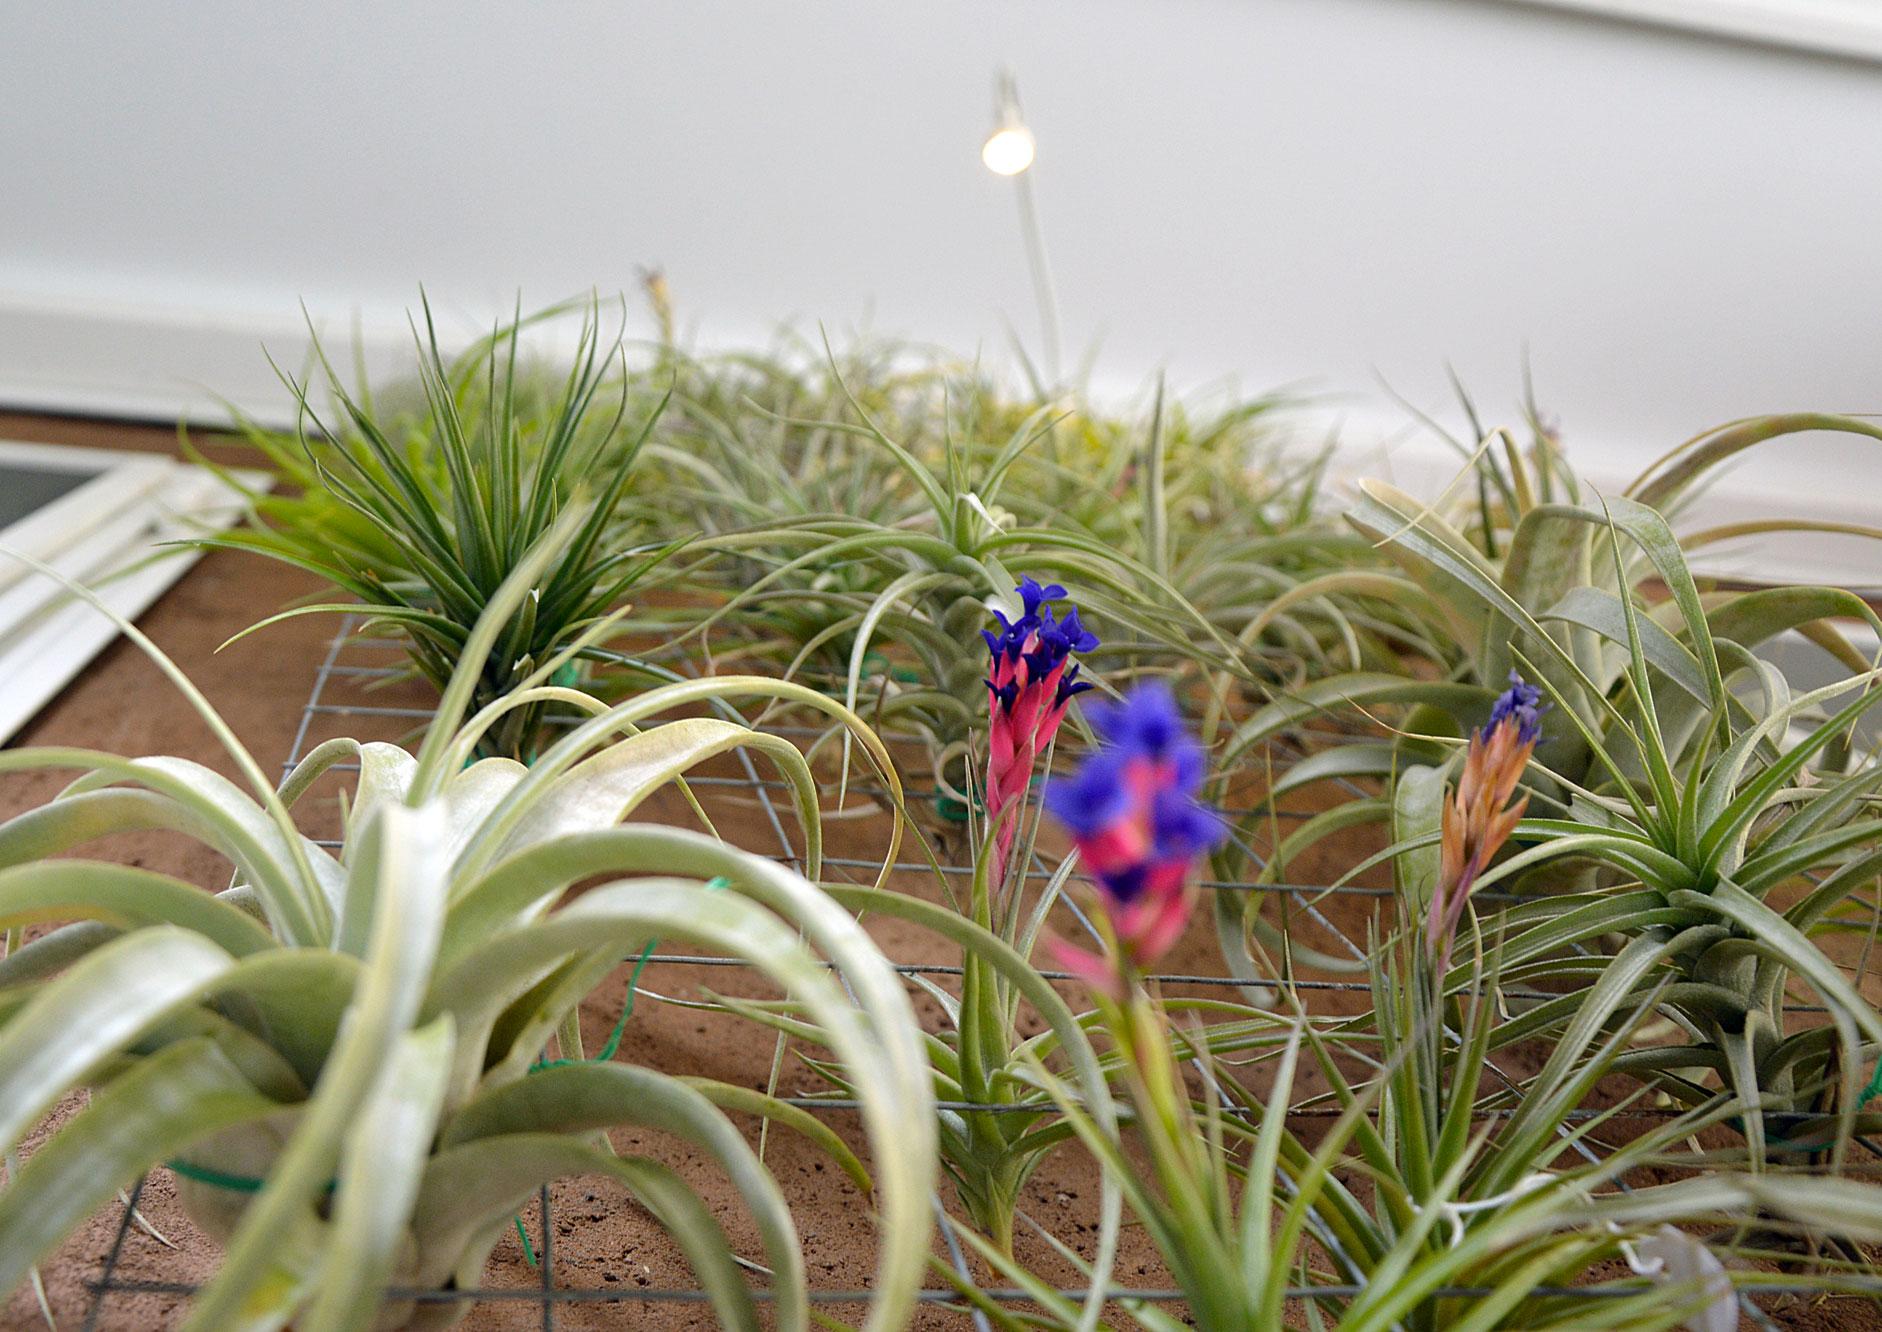 Il giardino in una stanza fabio masotta for Costruire una stanza all aperto